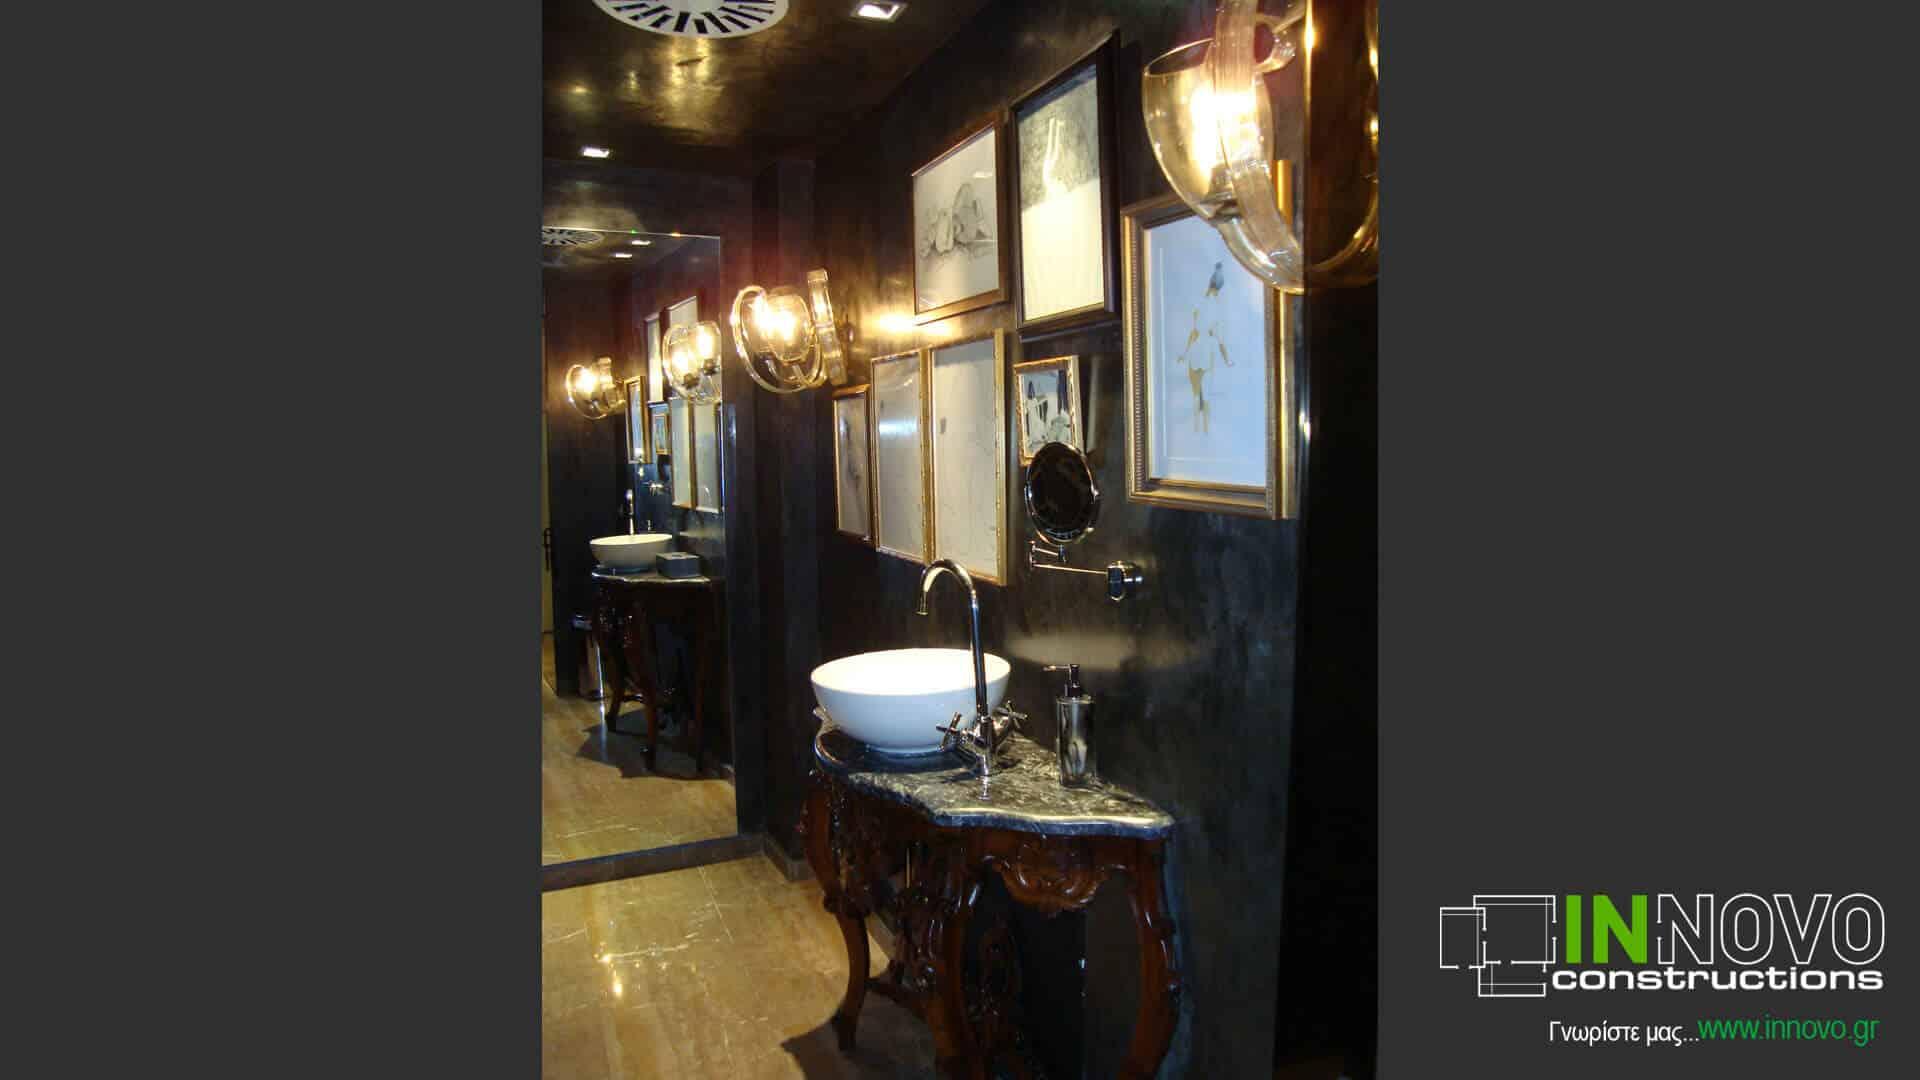 kataskevi-kommotiriou-hairdressers-construction-kommotirio-papageorgiou-1020-5